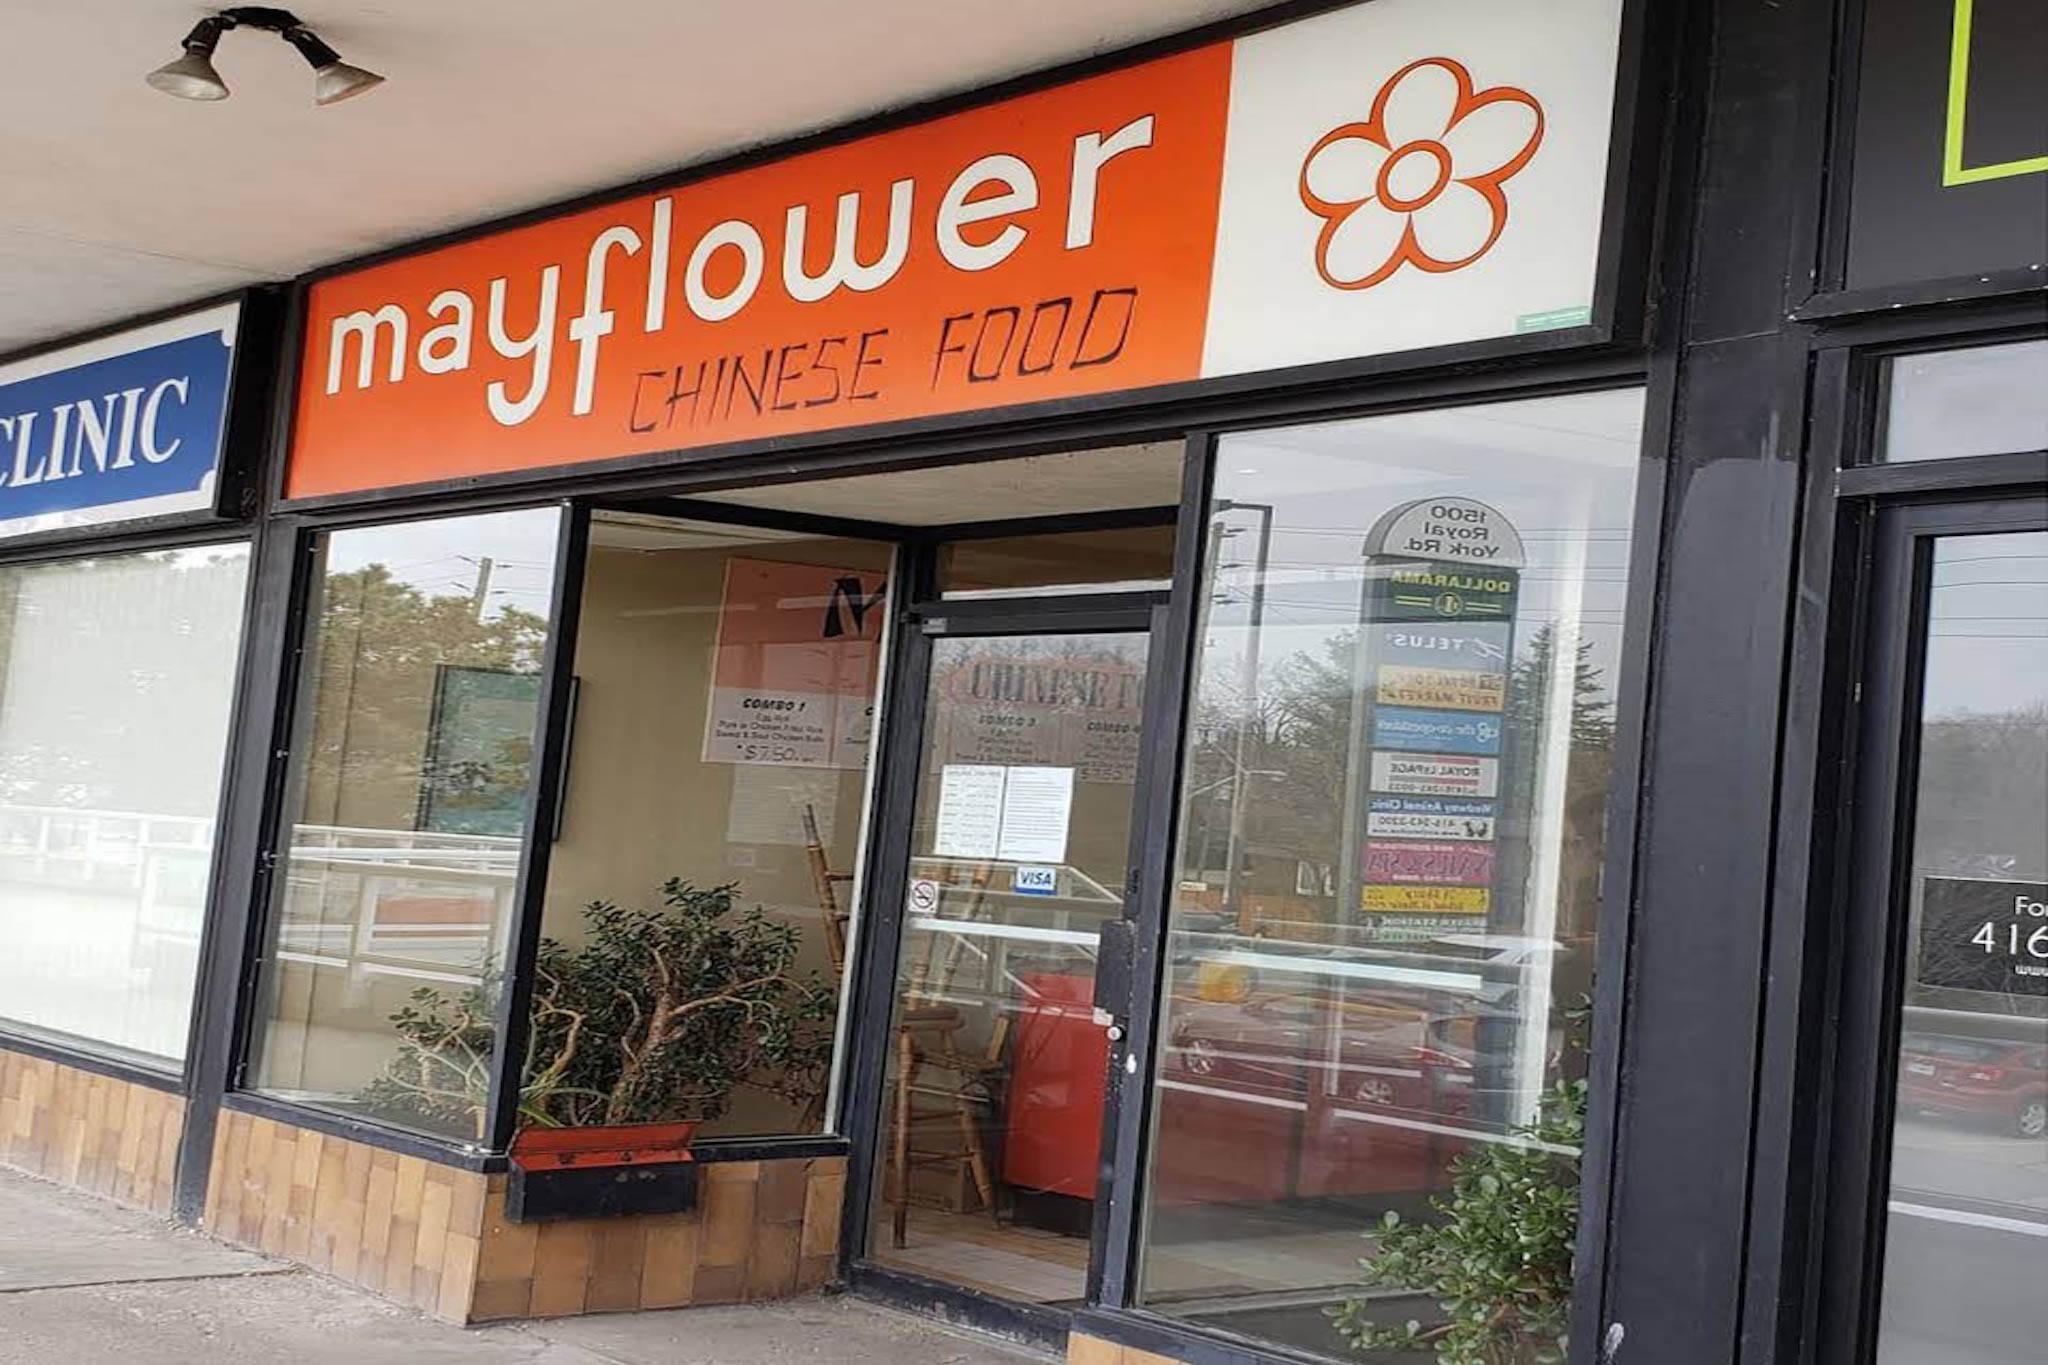 mayflower chinese food toronto